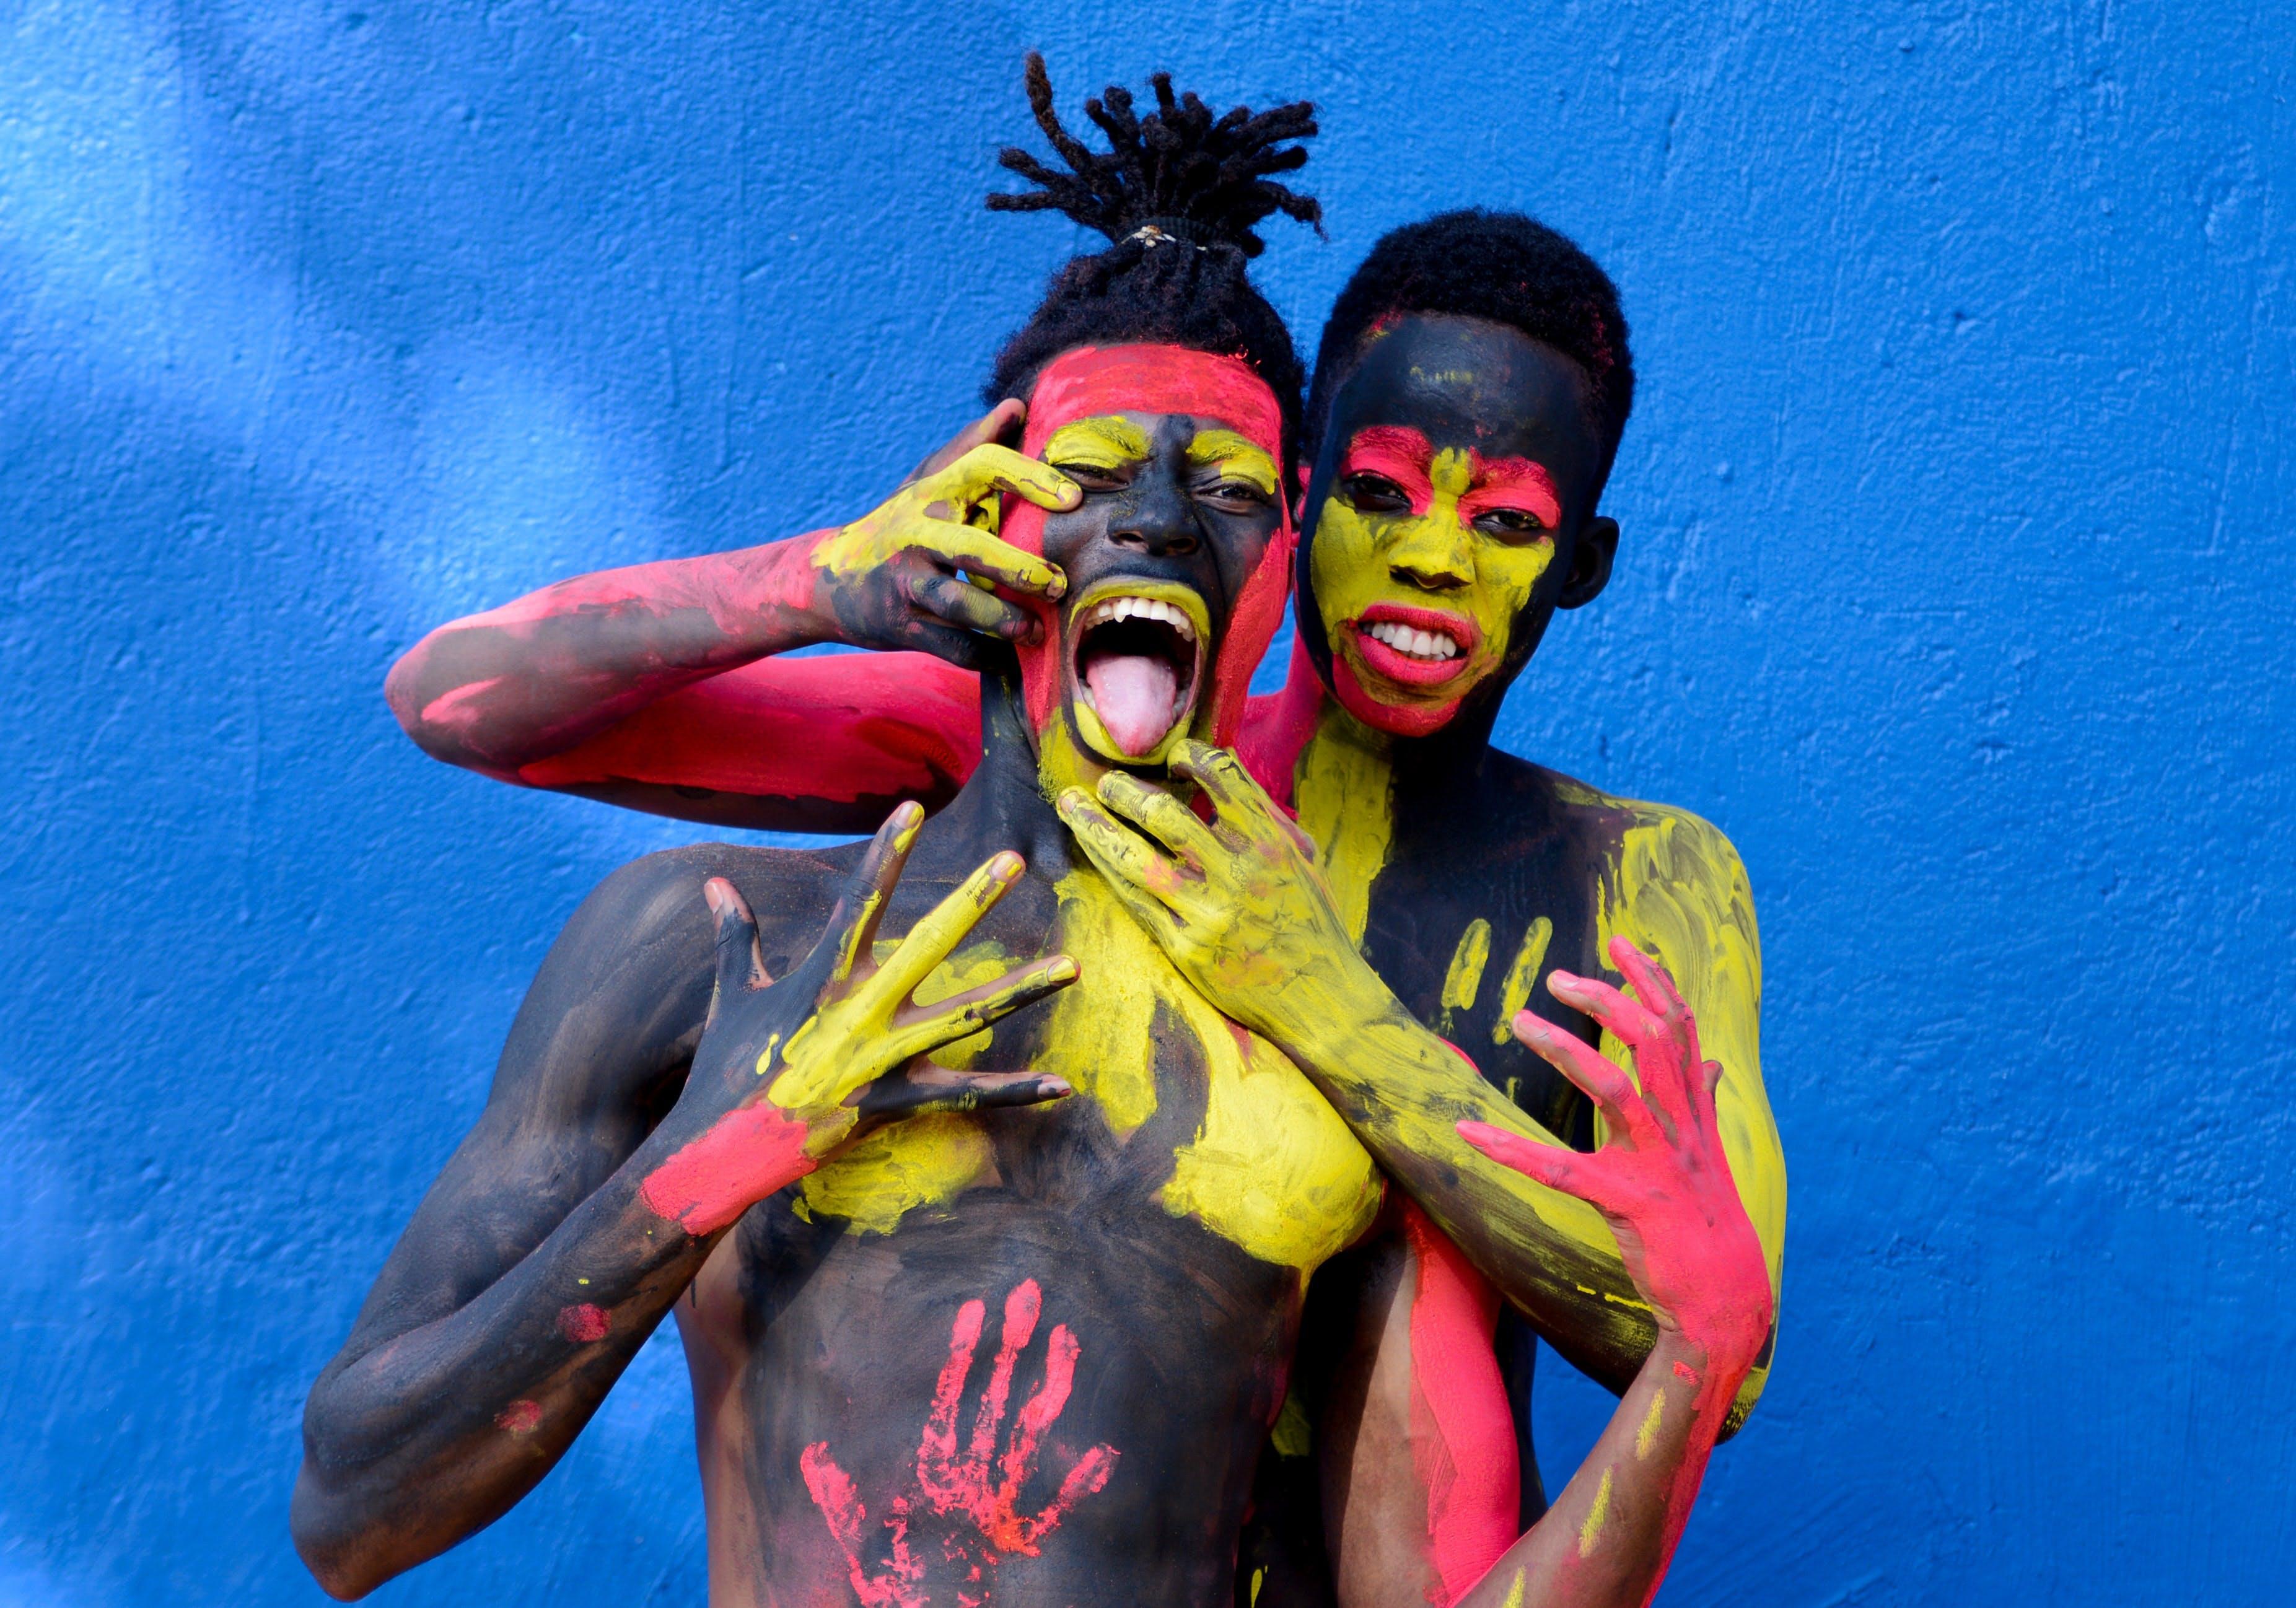 Kostenloses Stock Foto zu aufführung, erwachsener, festival, frau